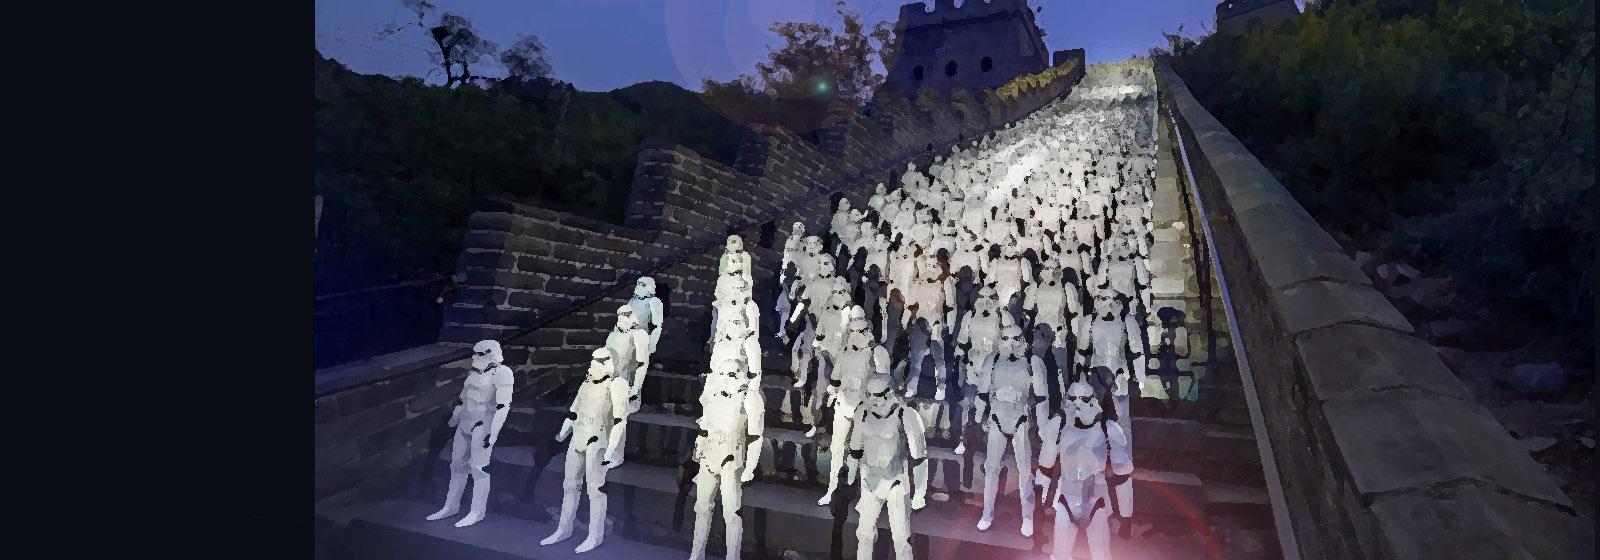 «Звездные войны» по ту стороны Великой стены